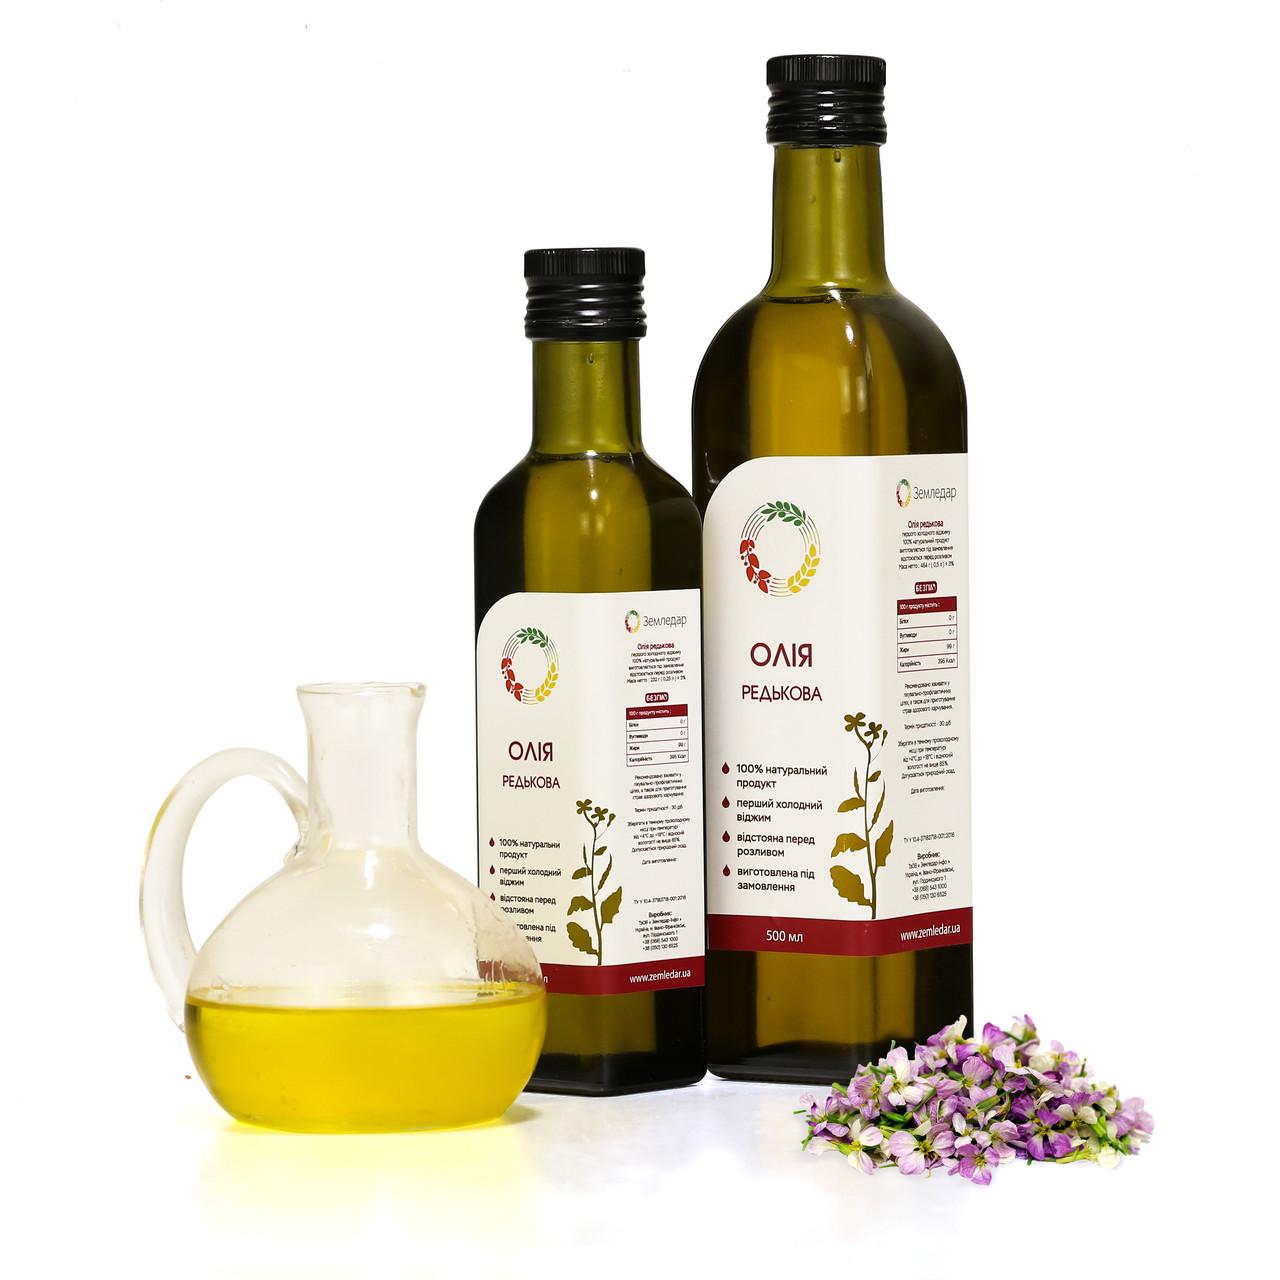 Редьковое масло 0,5 л сертифицированное без ГМО сыродавленное холодного отжима